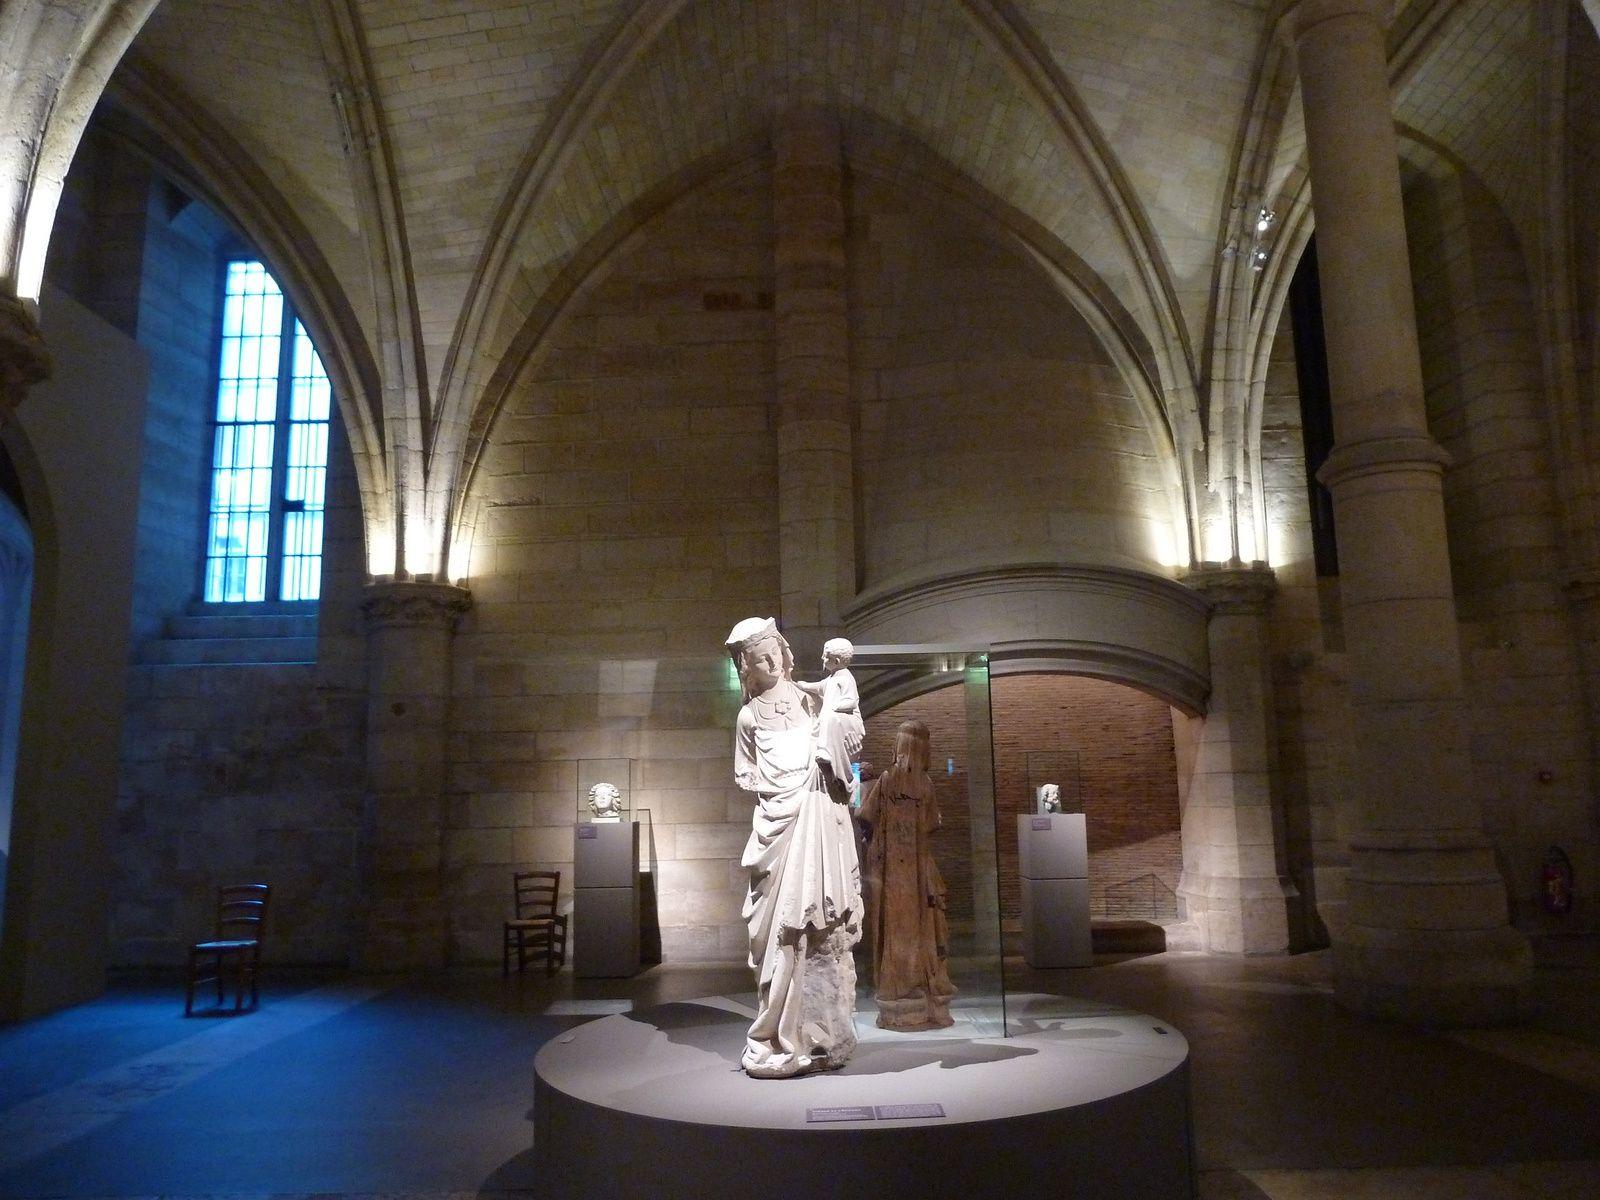 Vierge et l'Enfant. Il est possible que cette statue ait été réalisée à la fin du règne de Saint-Louis, en tout cas, son style correspond à cette période mêlant grâce et majesté.